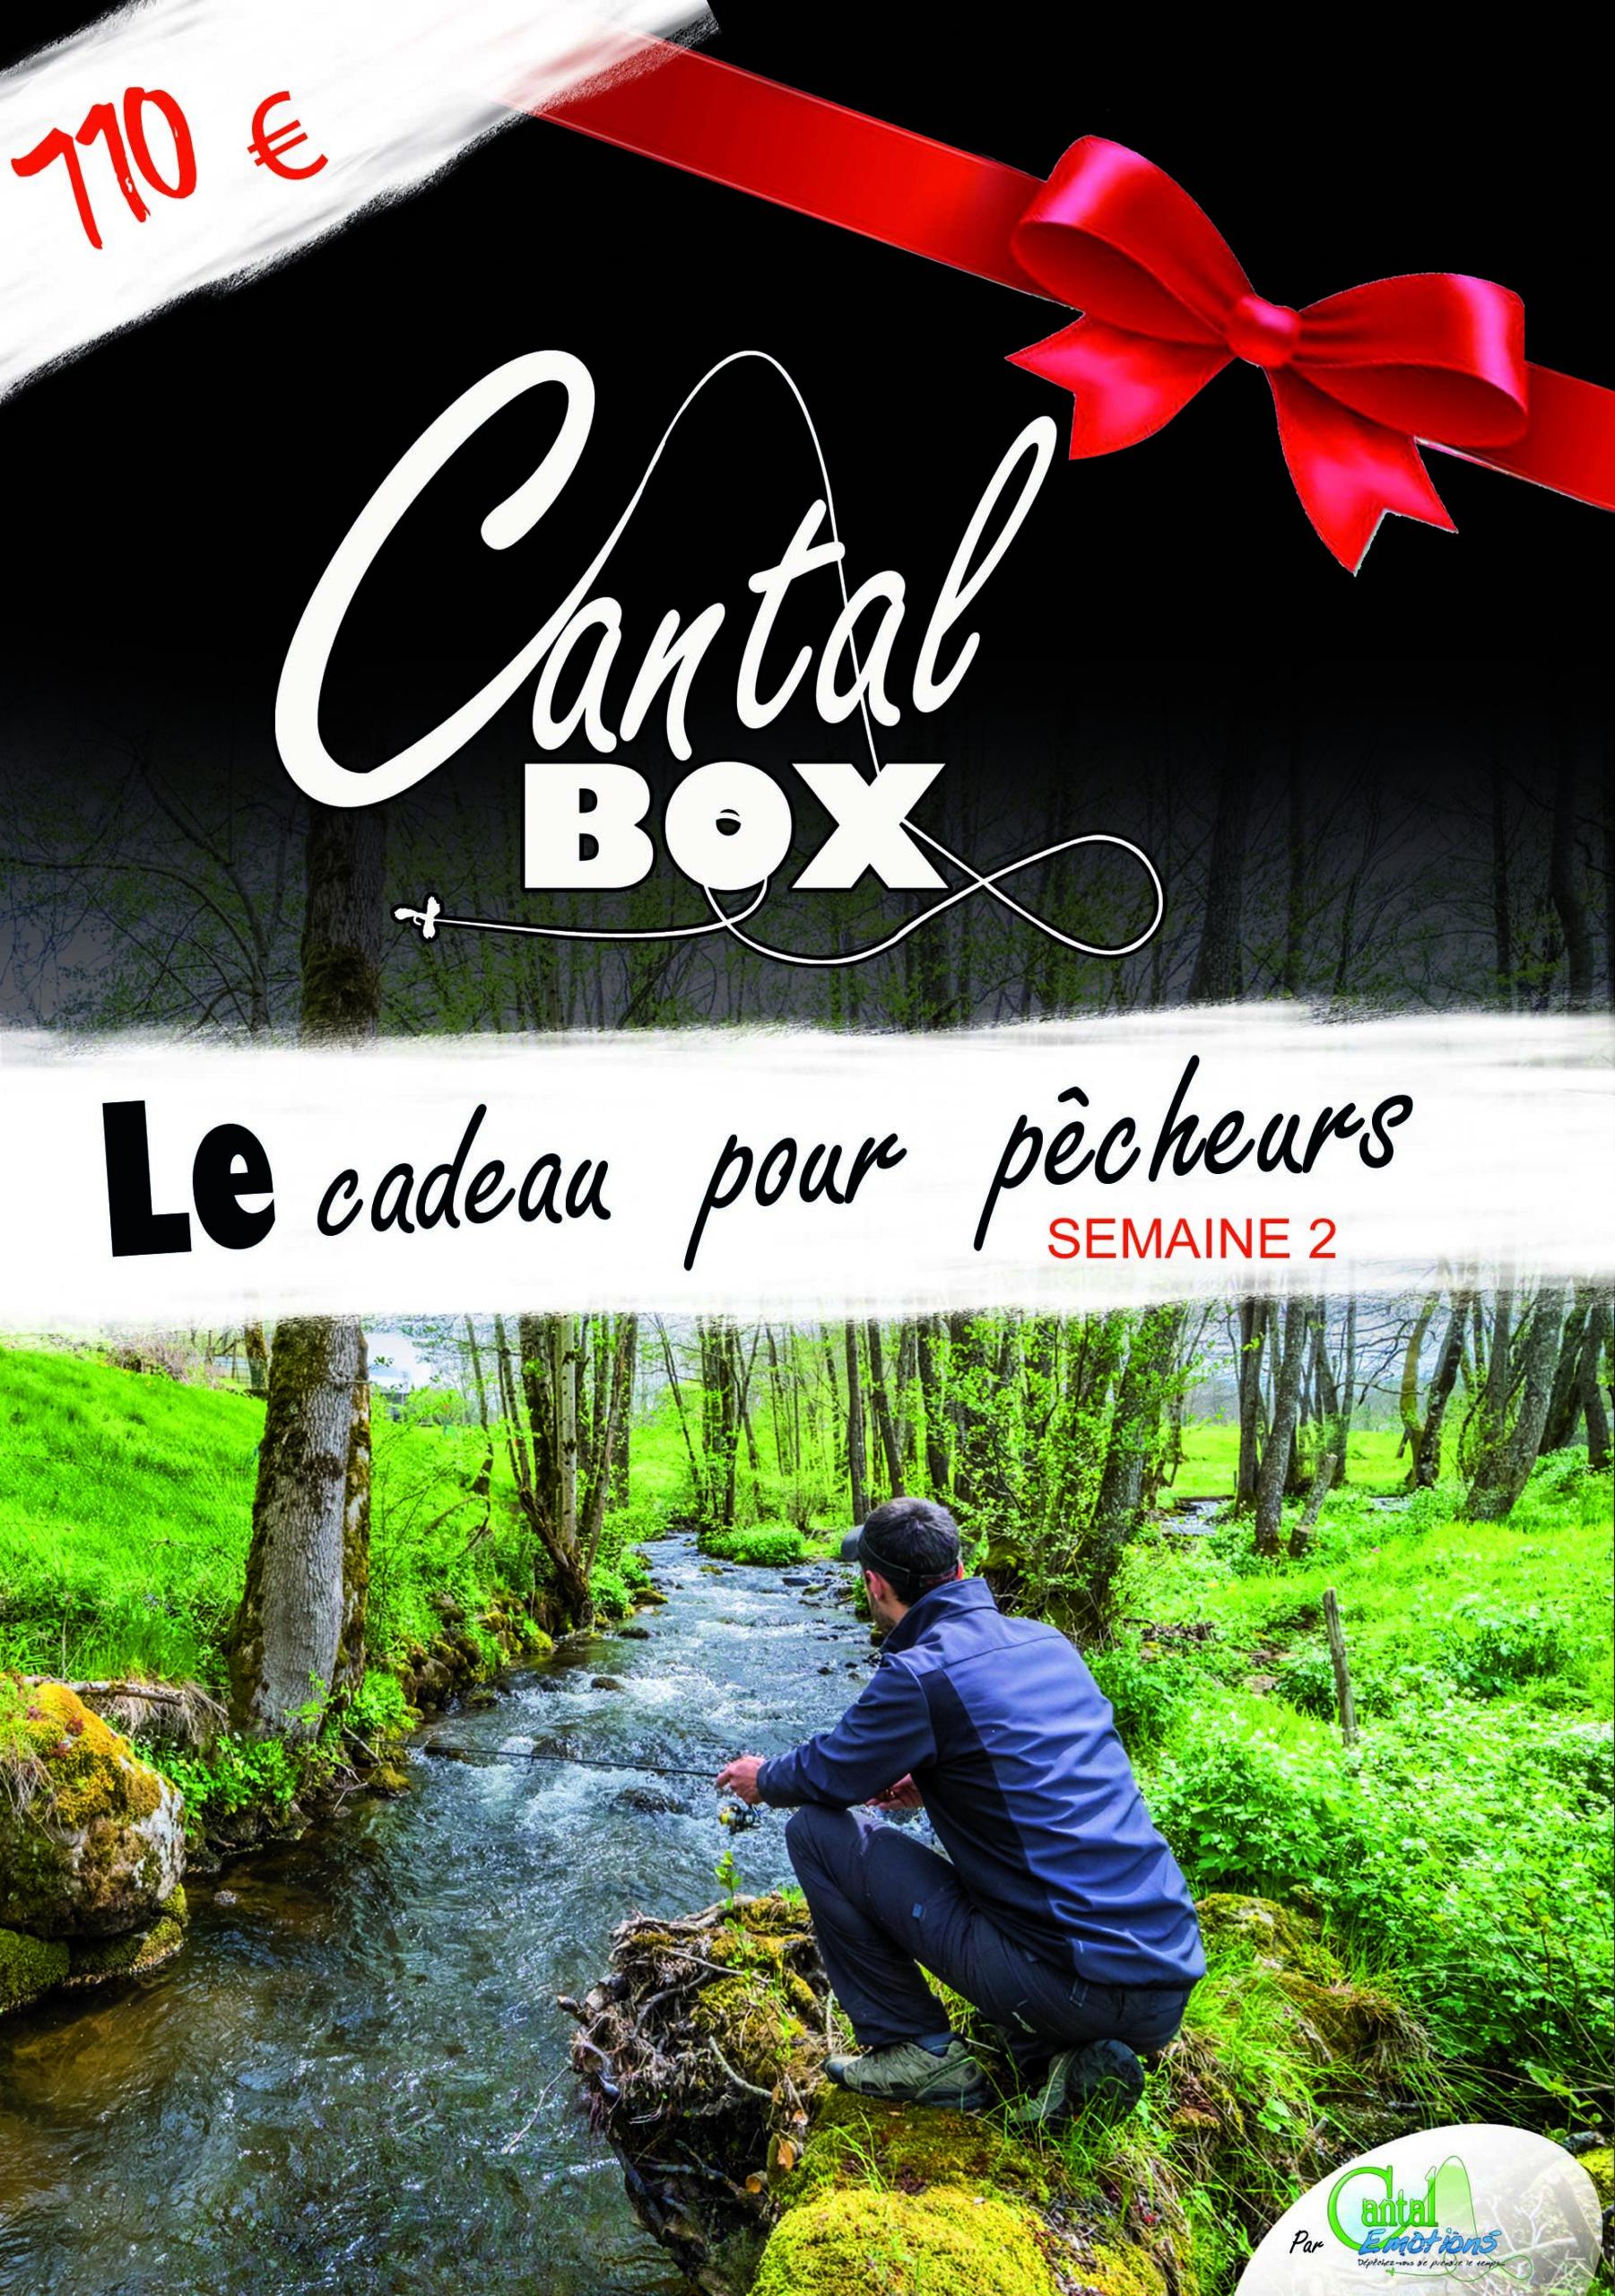 séjour pêche dans le Cantal